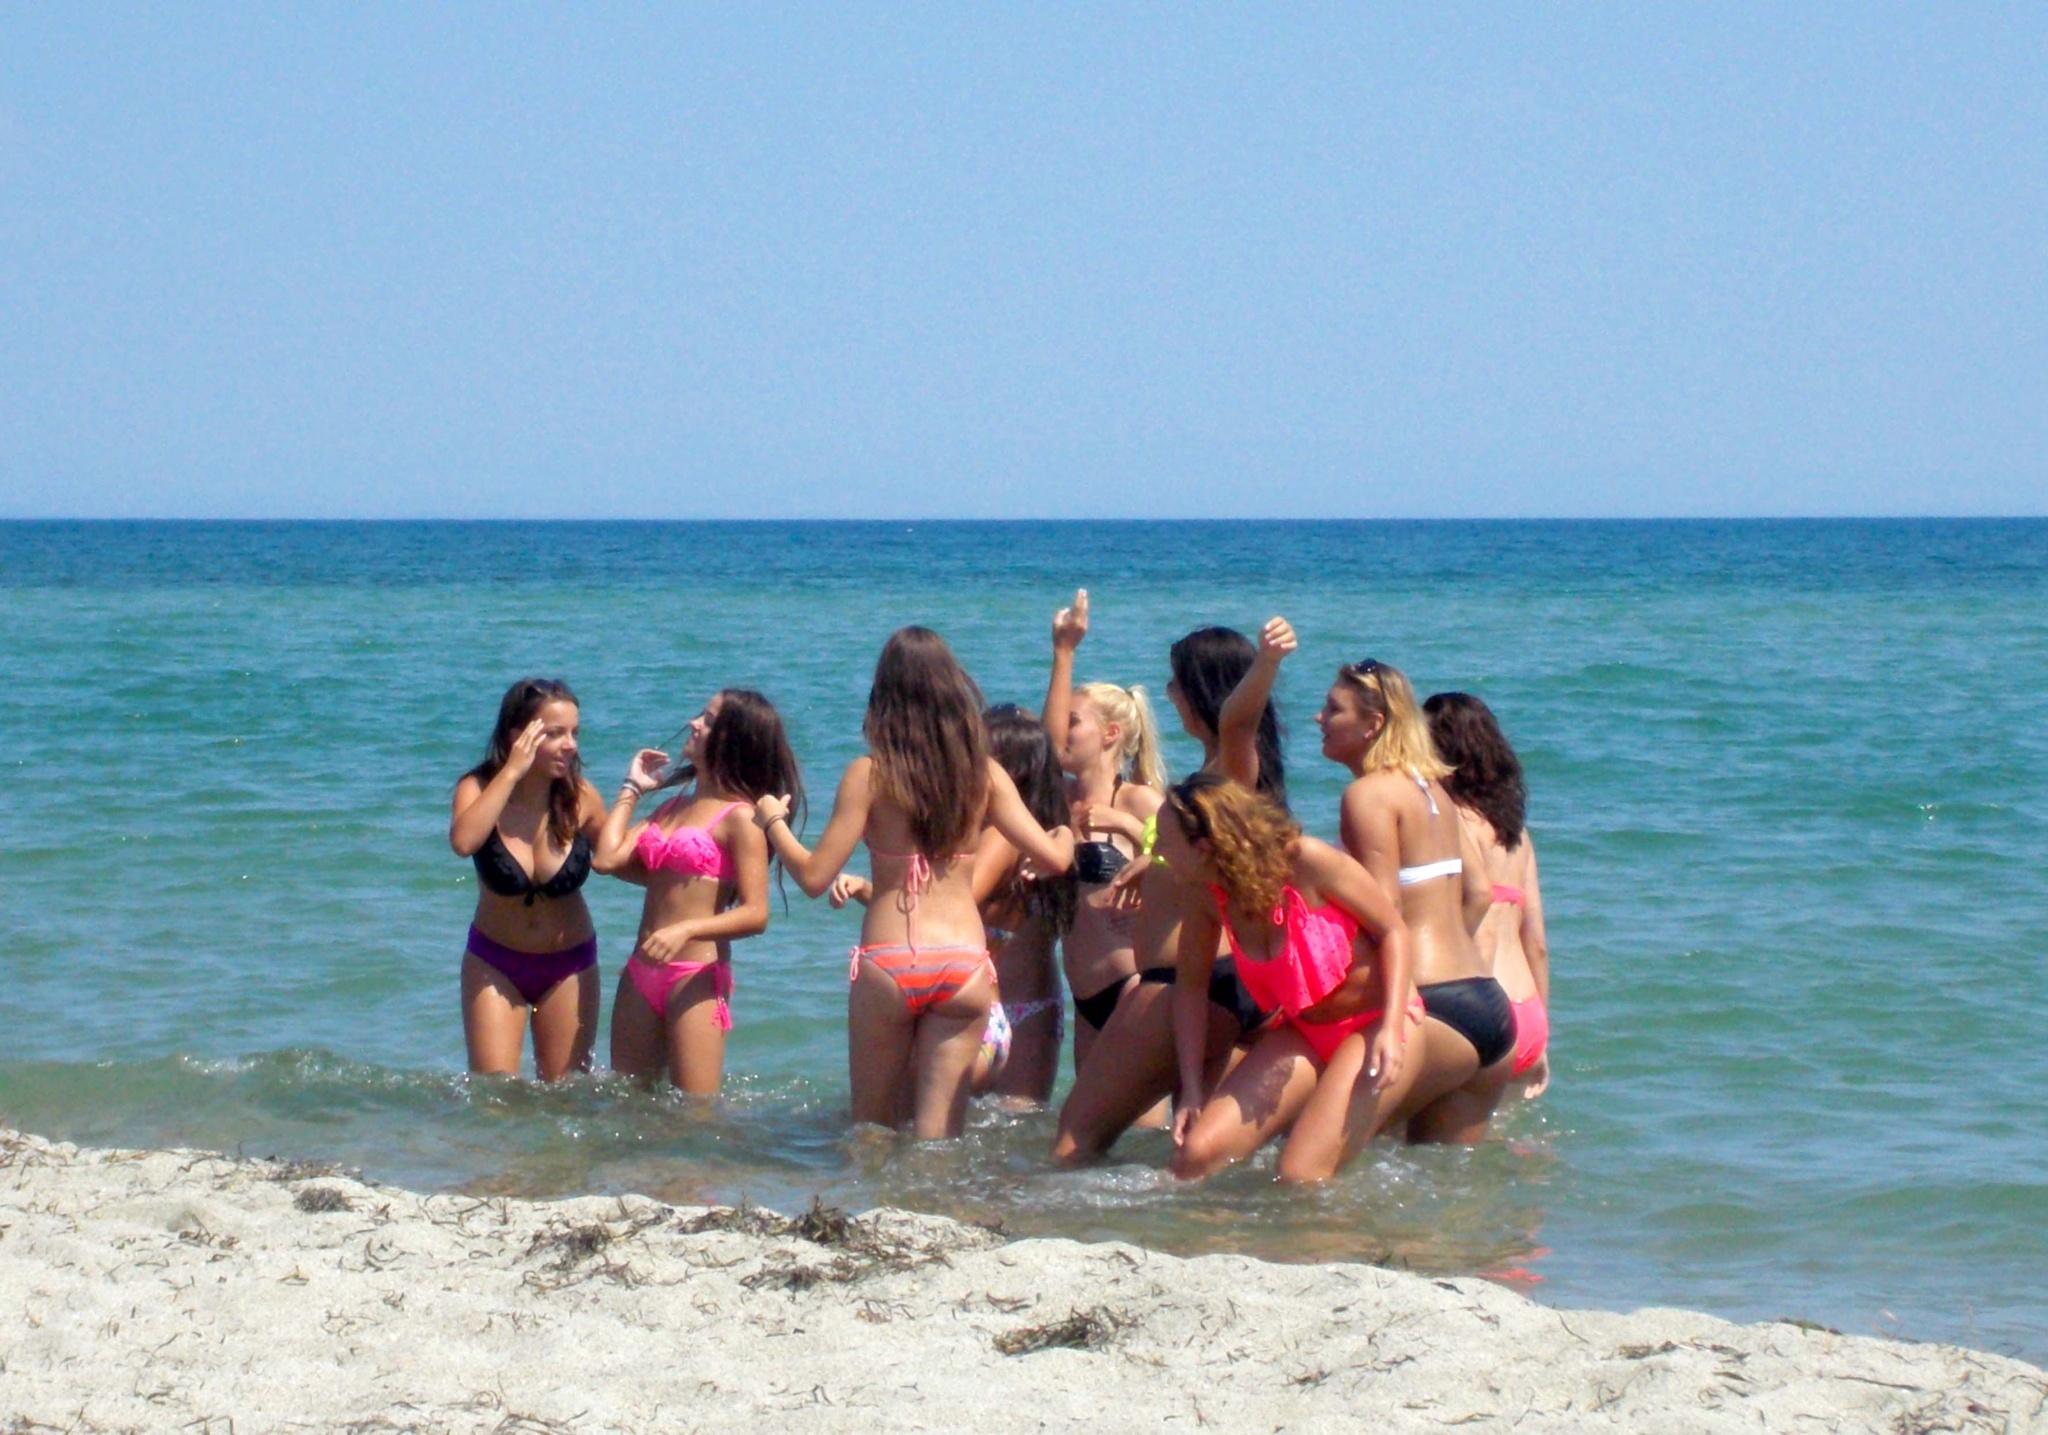 Girls in the sea by mirka_p